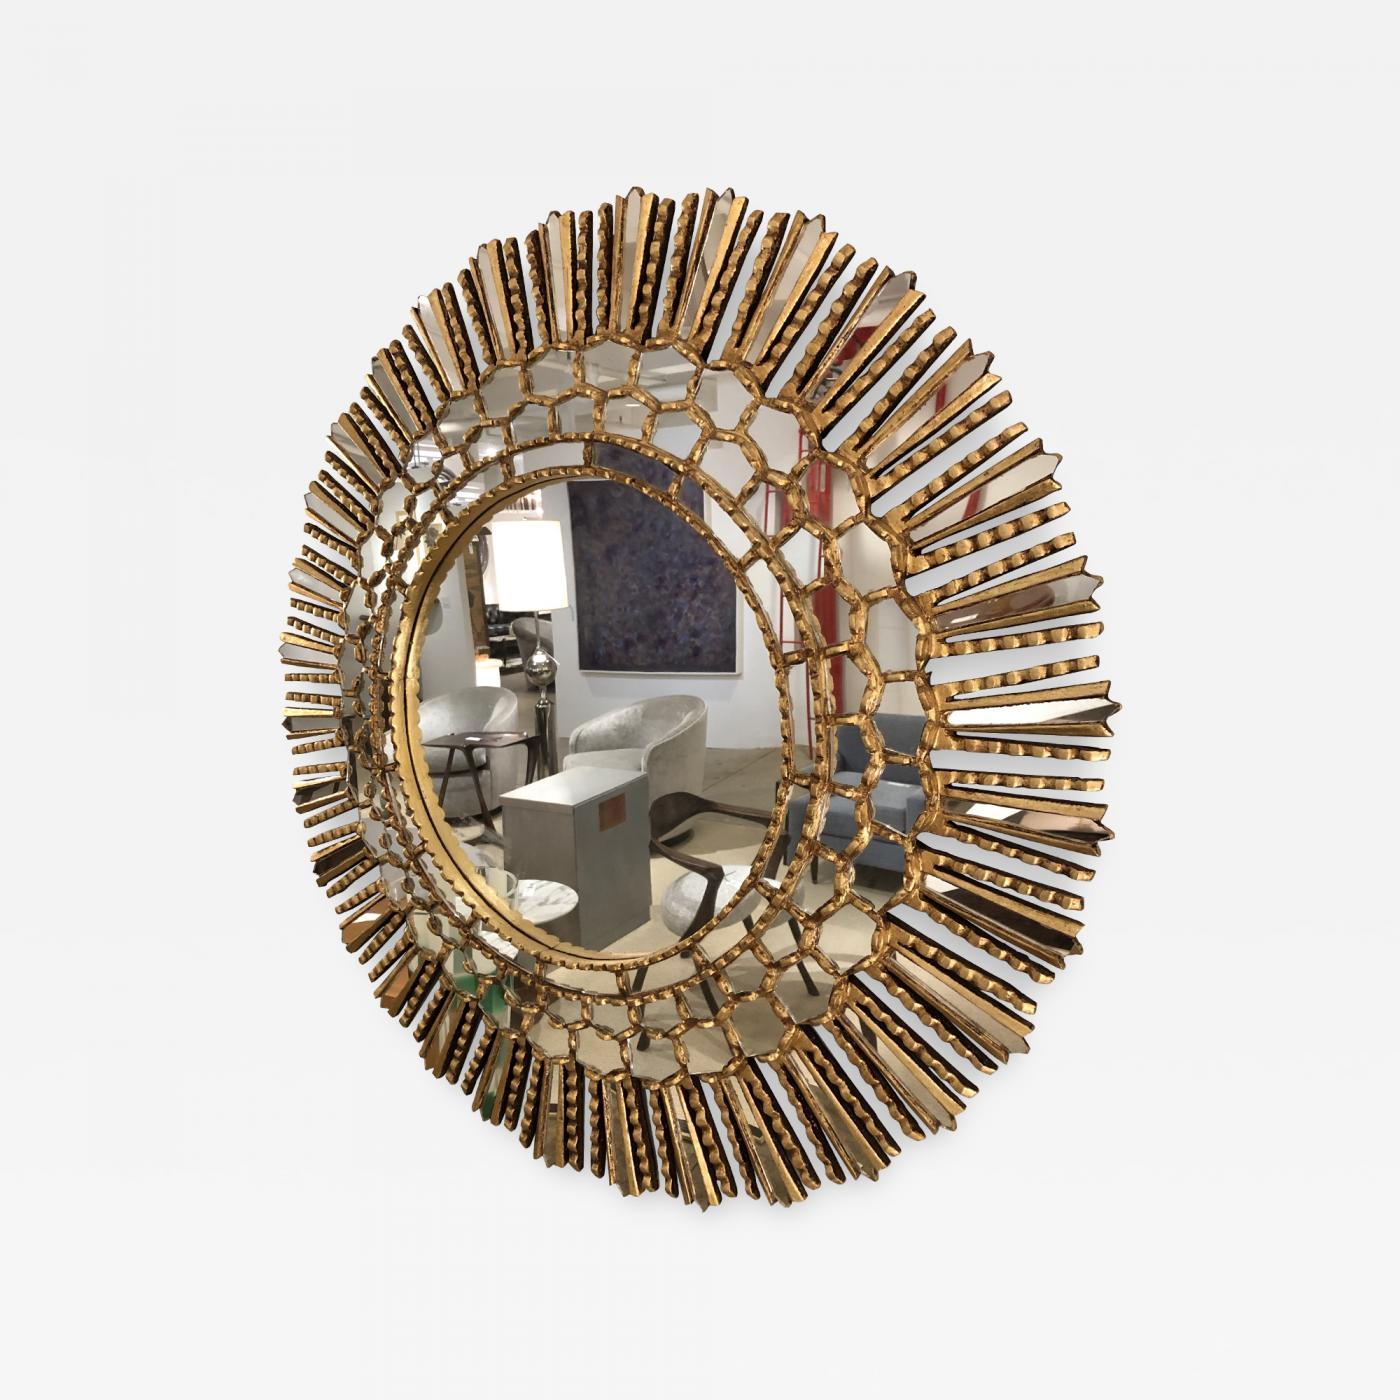 A gilt wood Starburst mirror